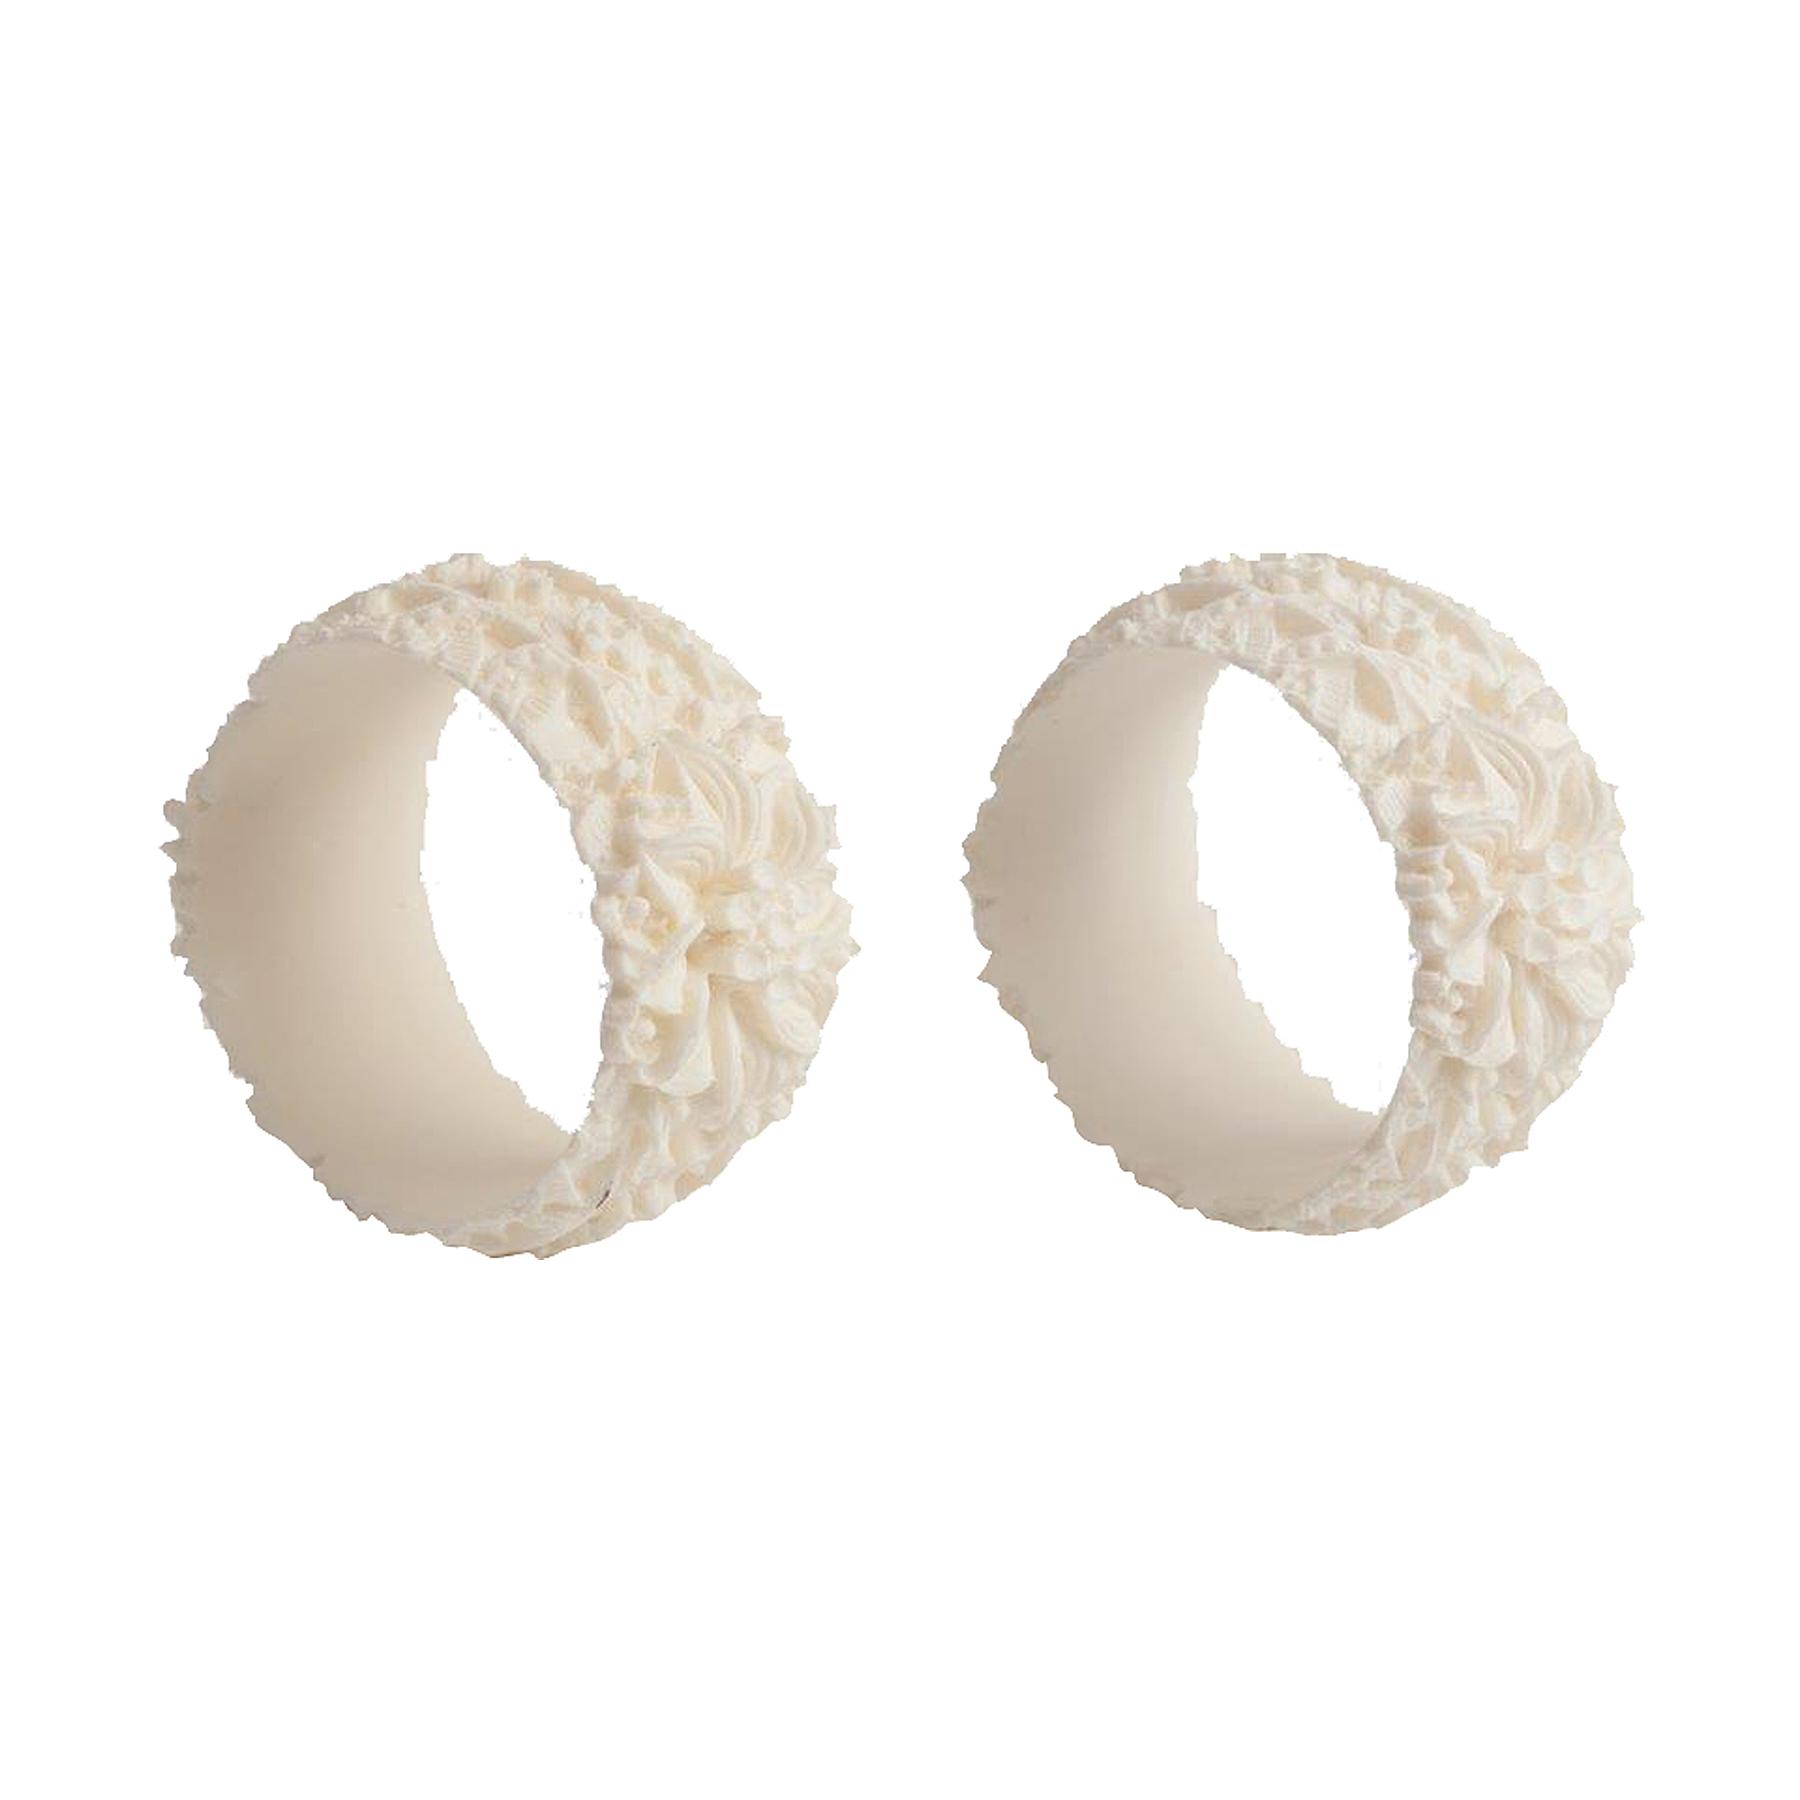 Набор колец для салфеток DonnagrecaСтоловые приборы<br>Набор из двух колец<br><br>Material: Пластик<br>Height см: 2,5<br>Diameter см: 4